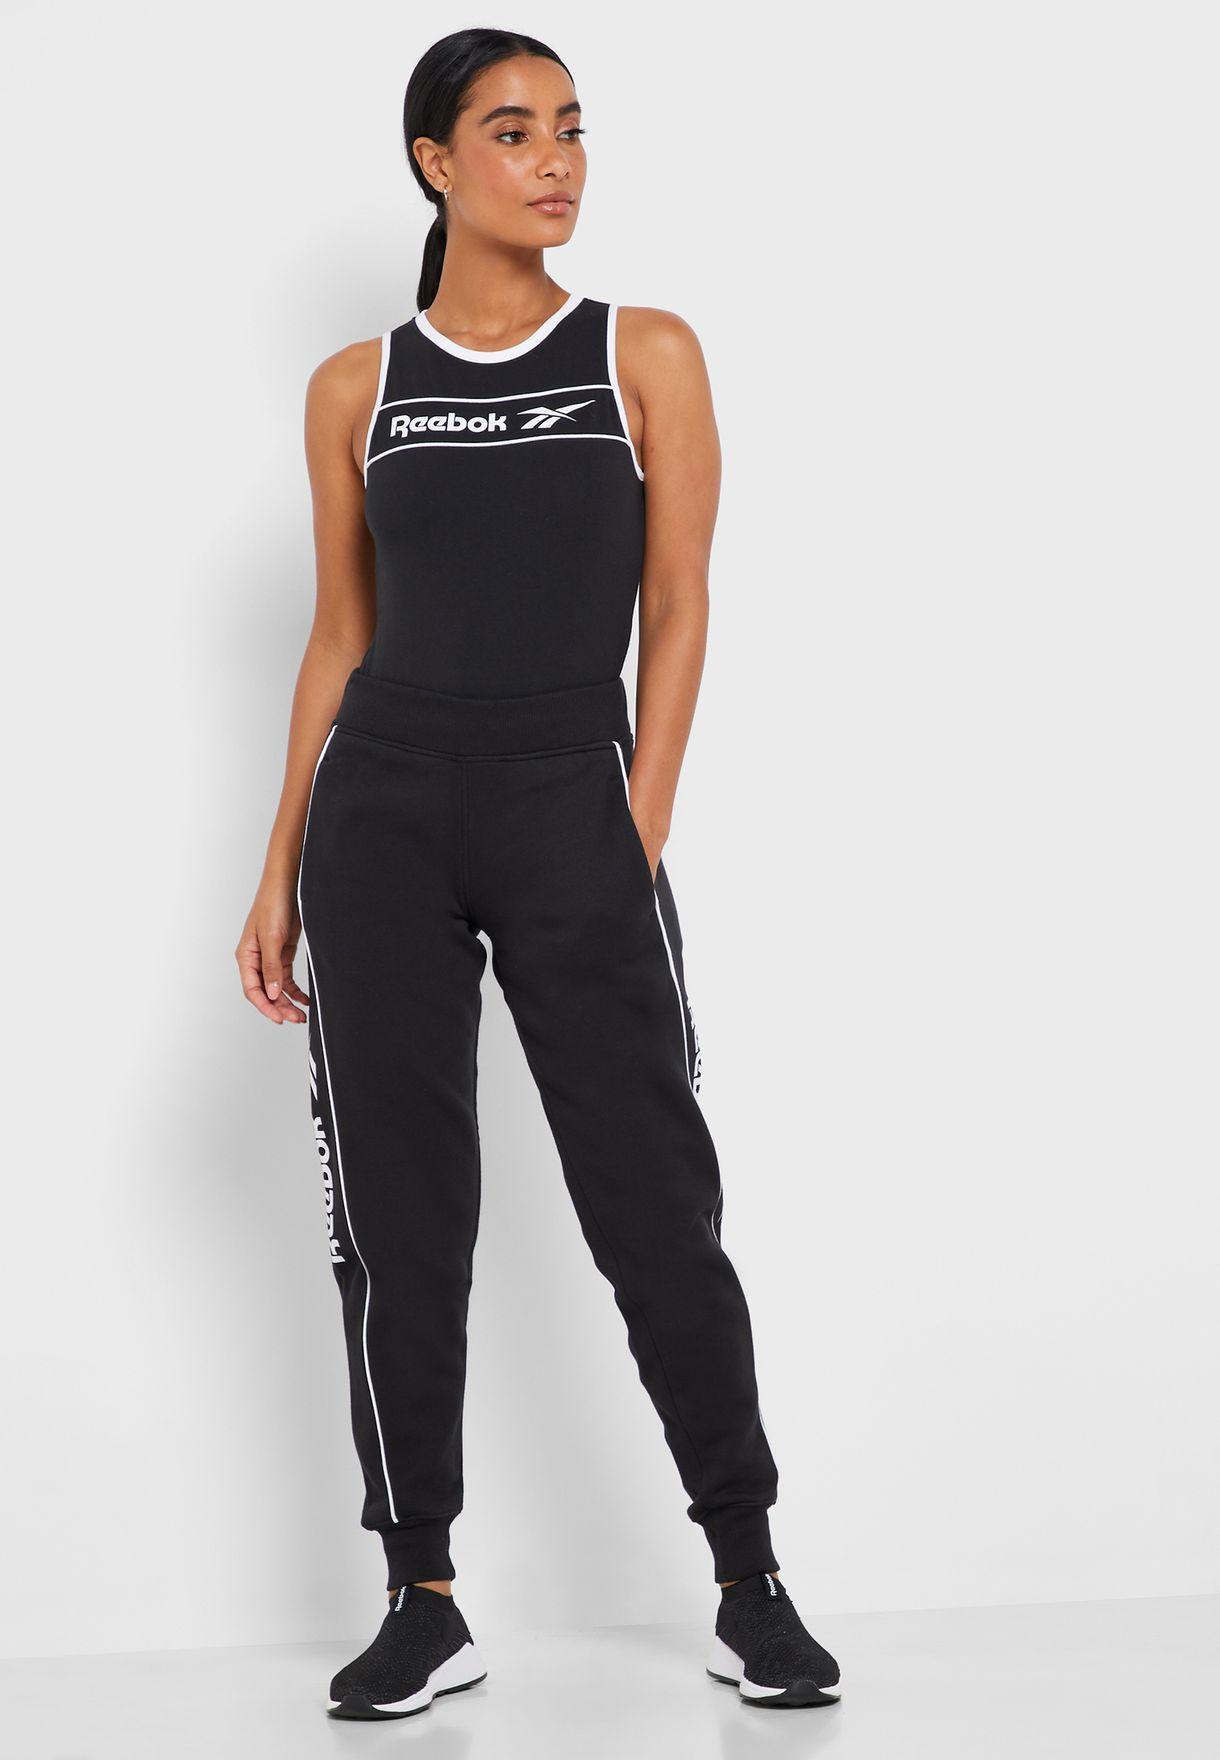 reebok women's fleece joggers